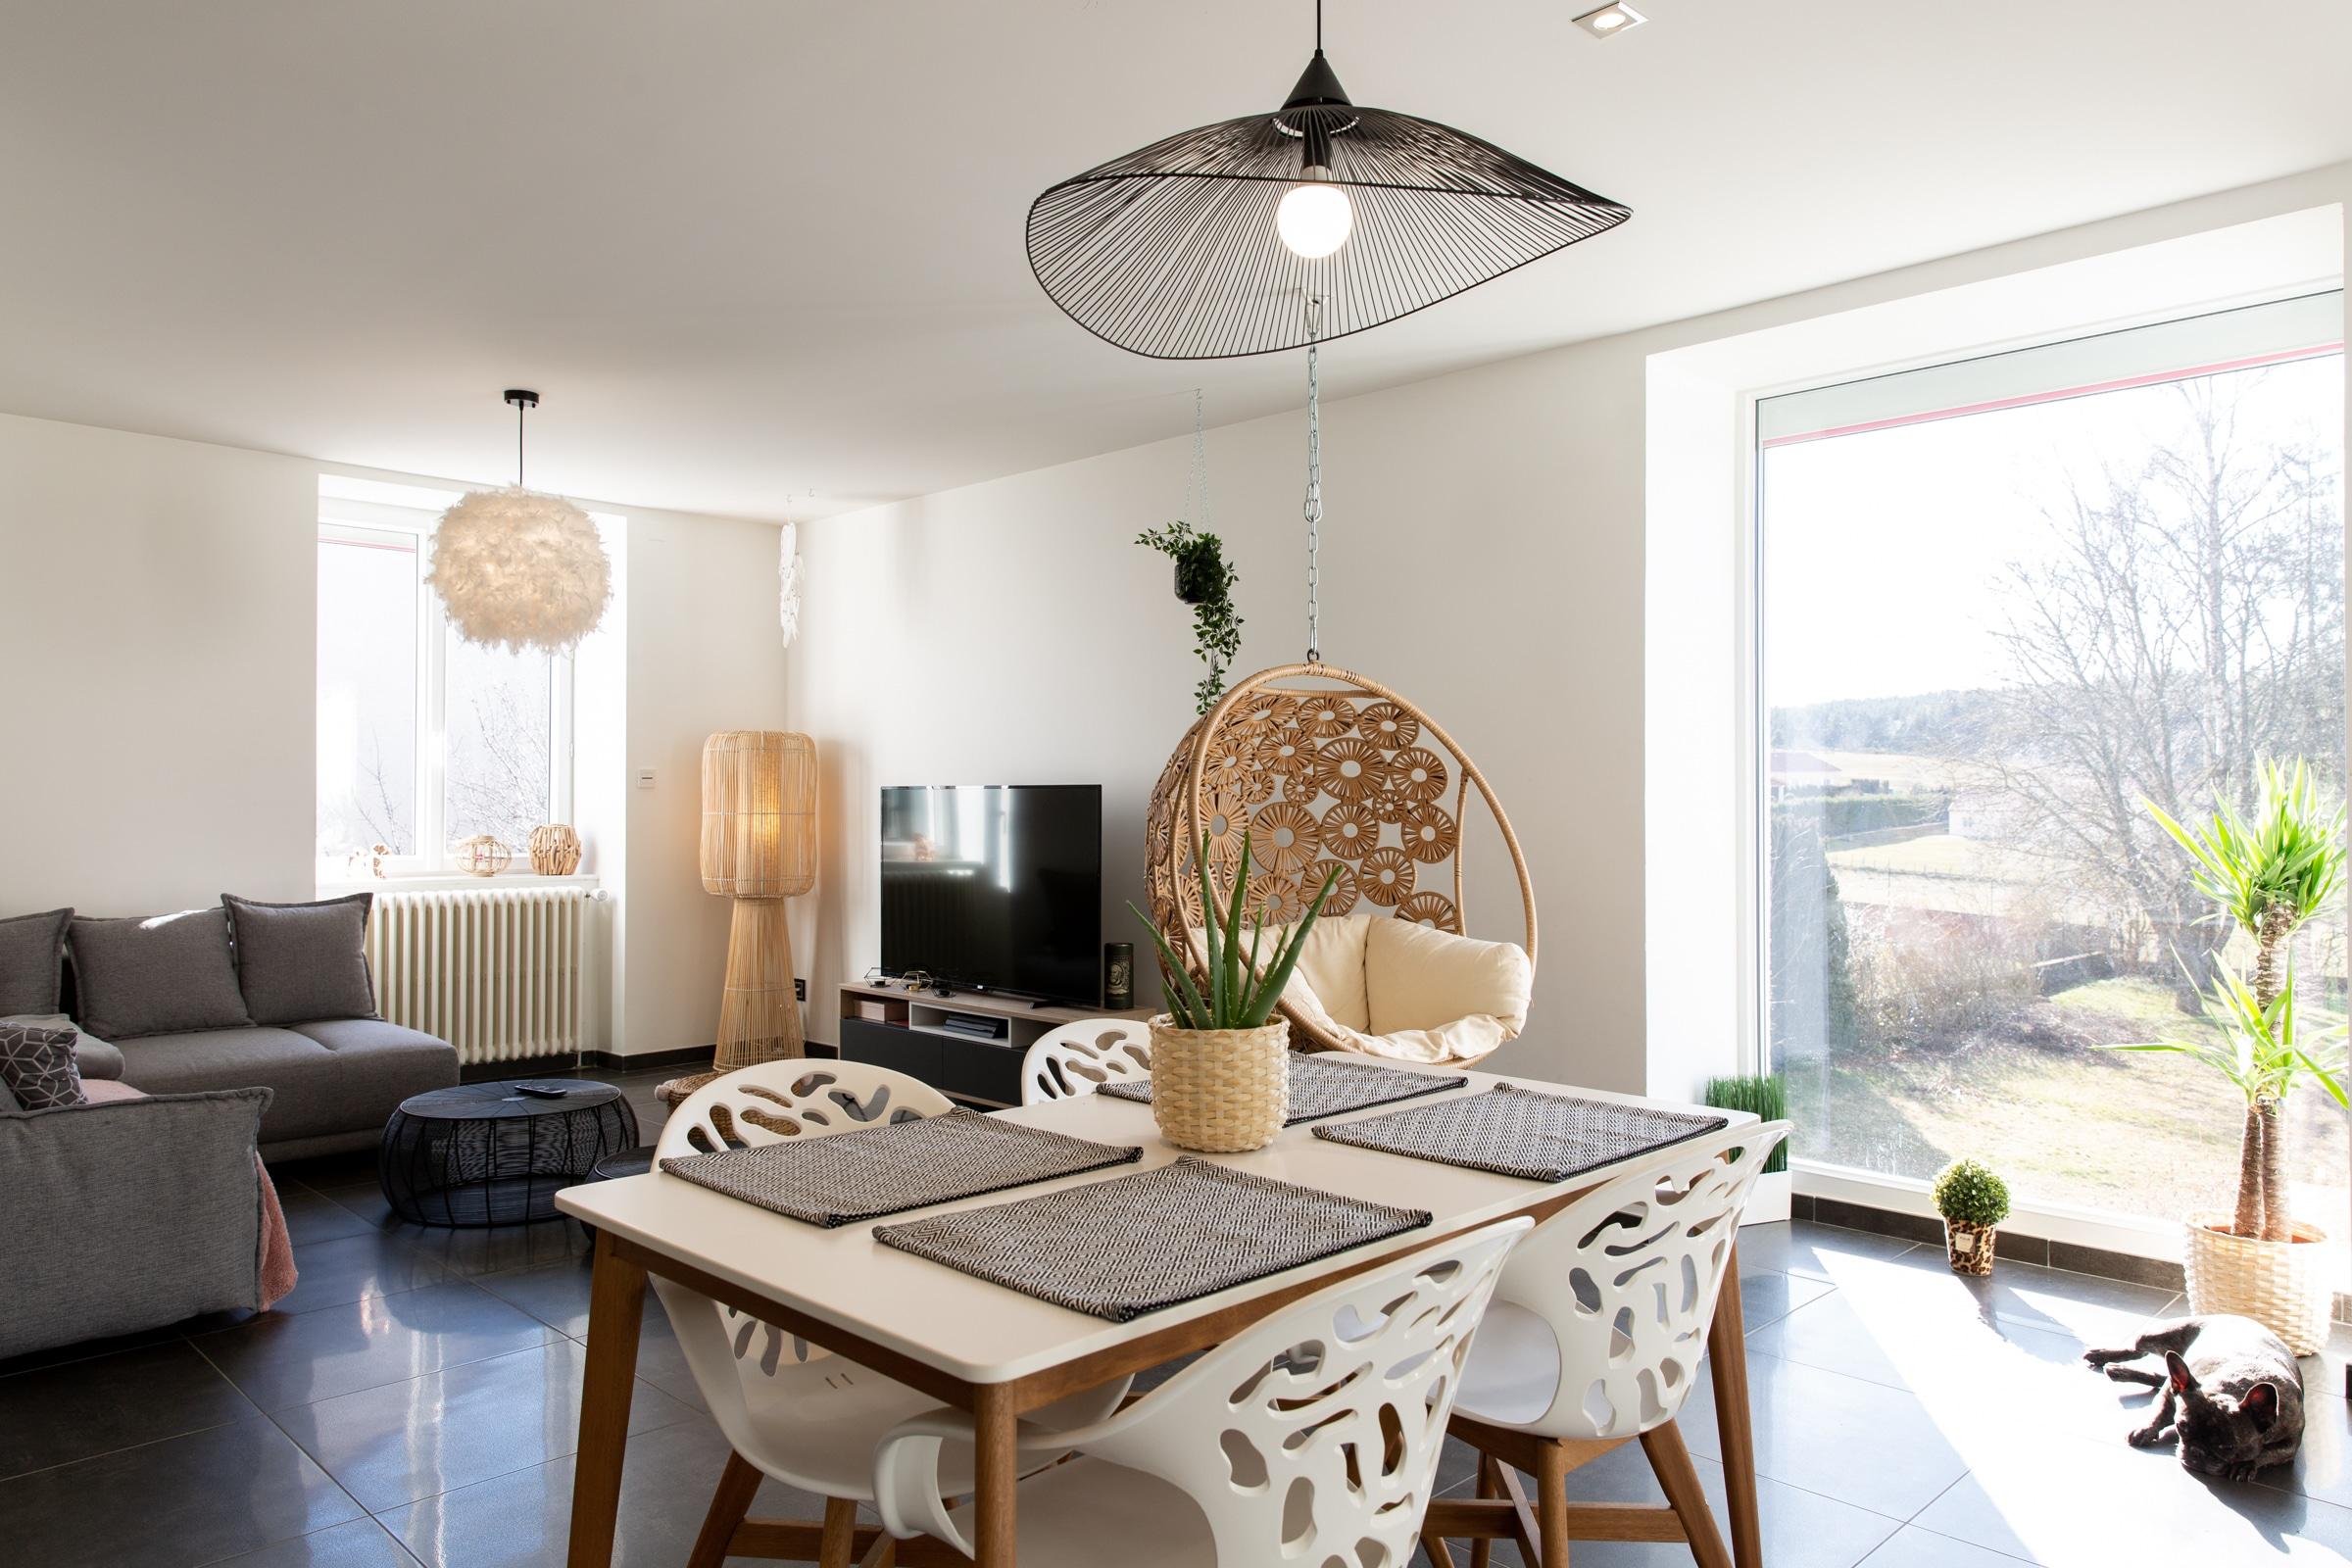 almuneau-architecte-architecteurs-neuf-renovation-agencement-decoration-RGE-langogne-salon-bois-douceur-nature